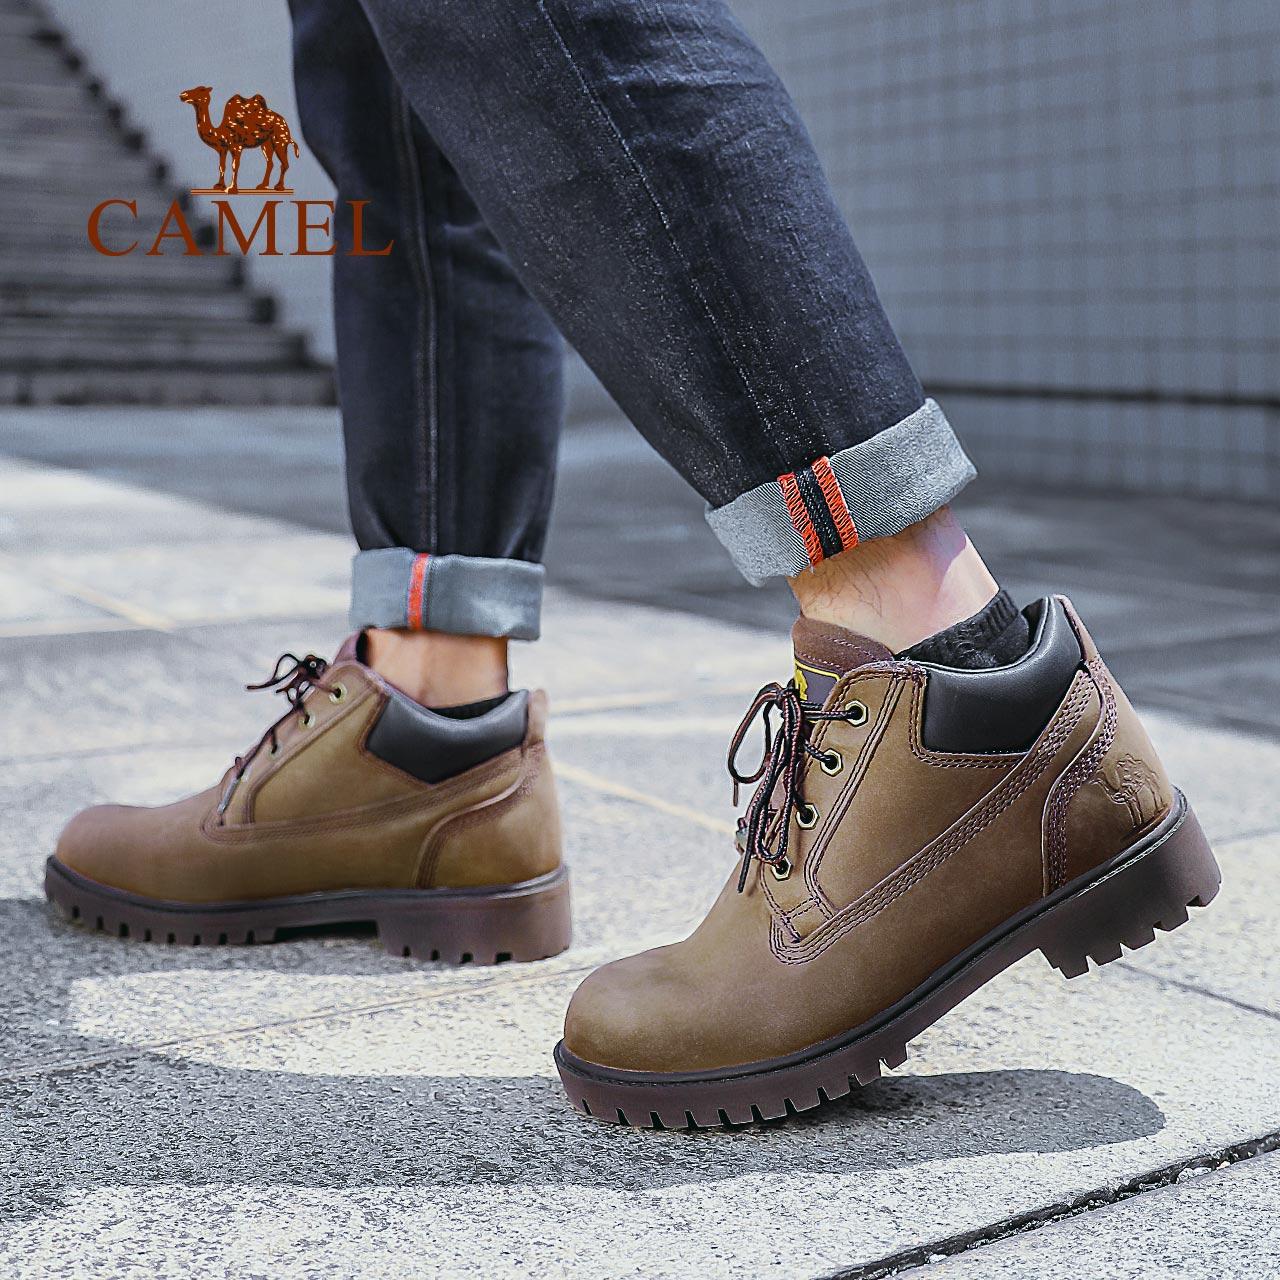 骆驼户外休闲鞋男士秋冬防滑耐磨头层牛皮中帮工装鞋大黄靴CAMEL